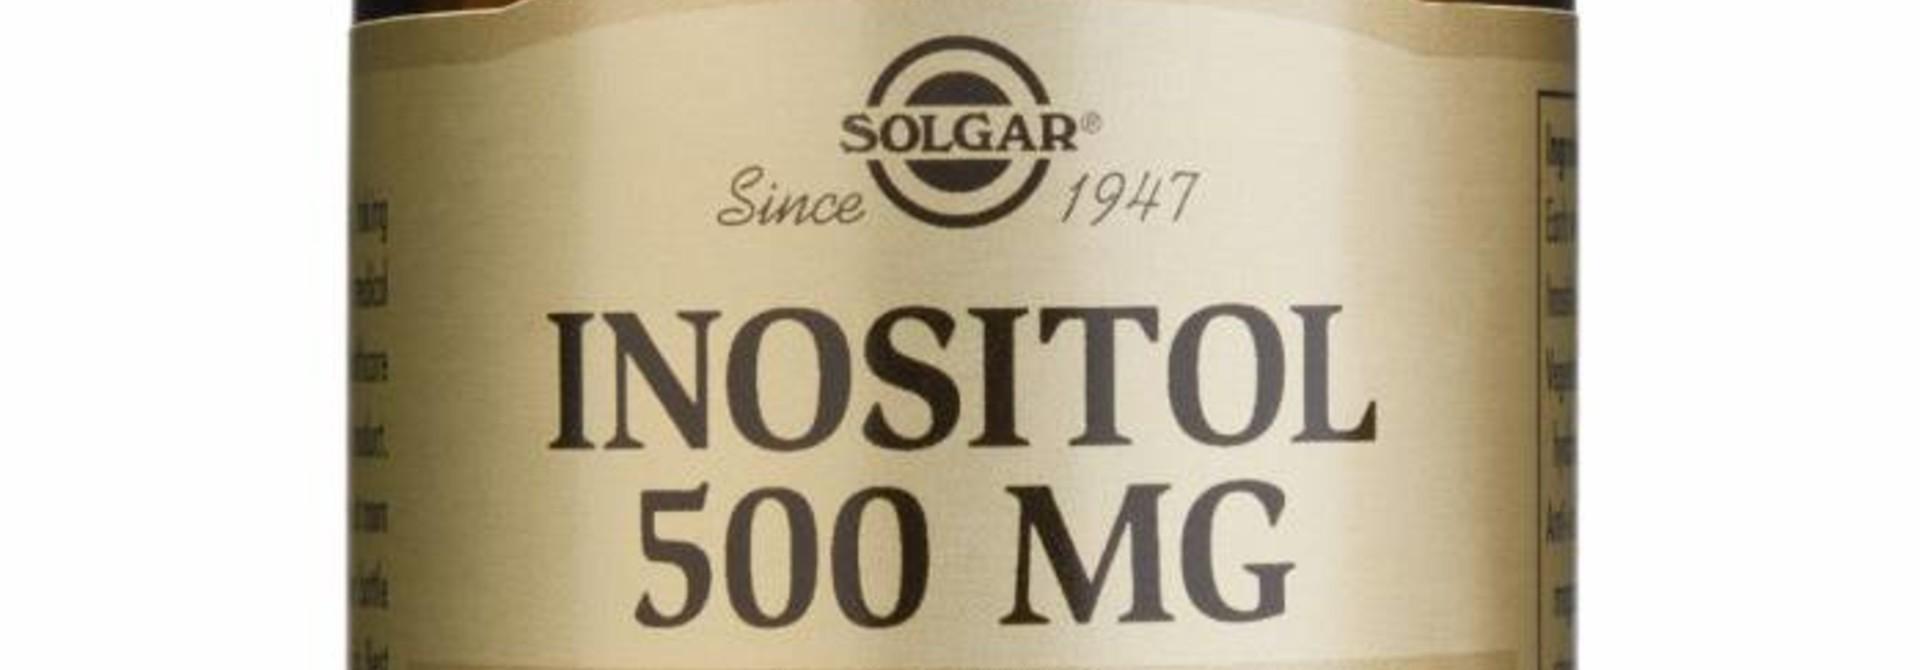 Inositol 500 mg 50 plantaardige capsules